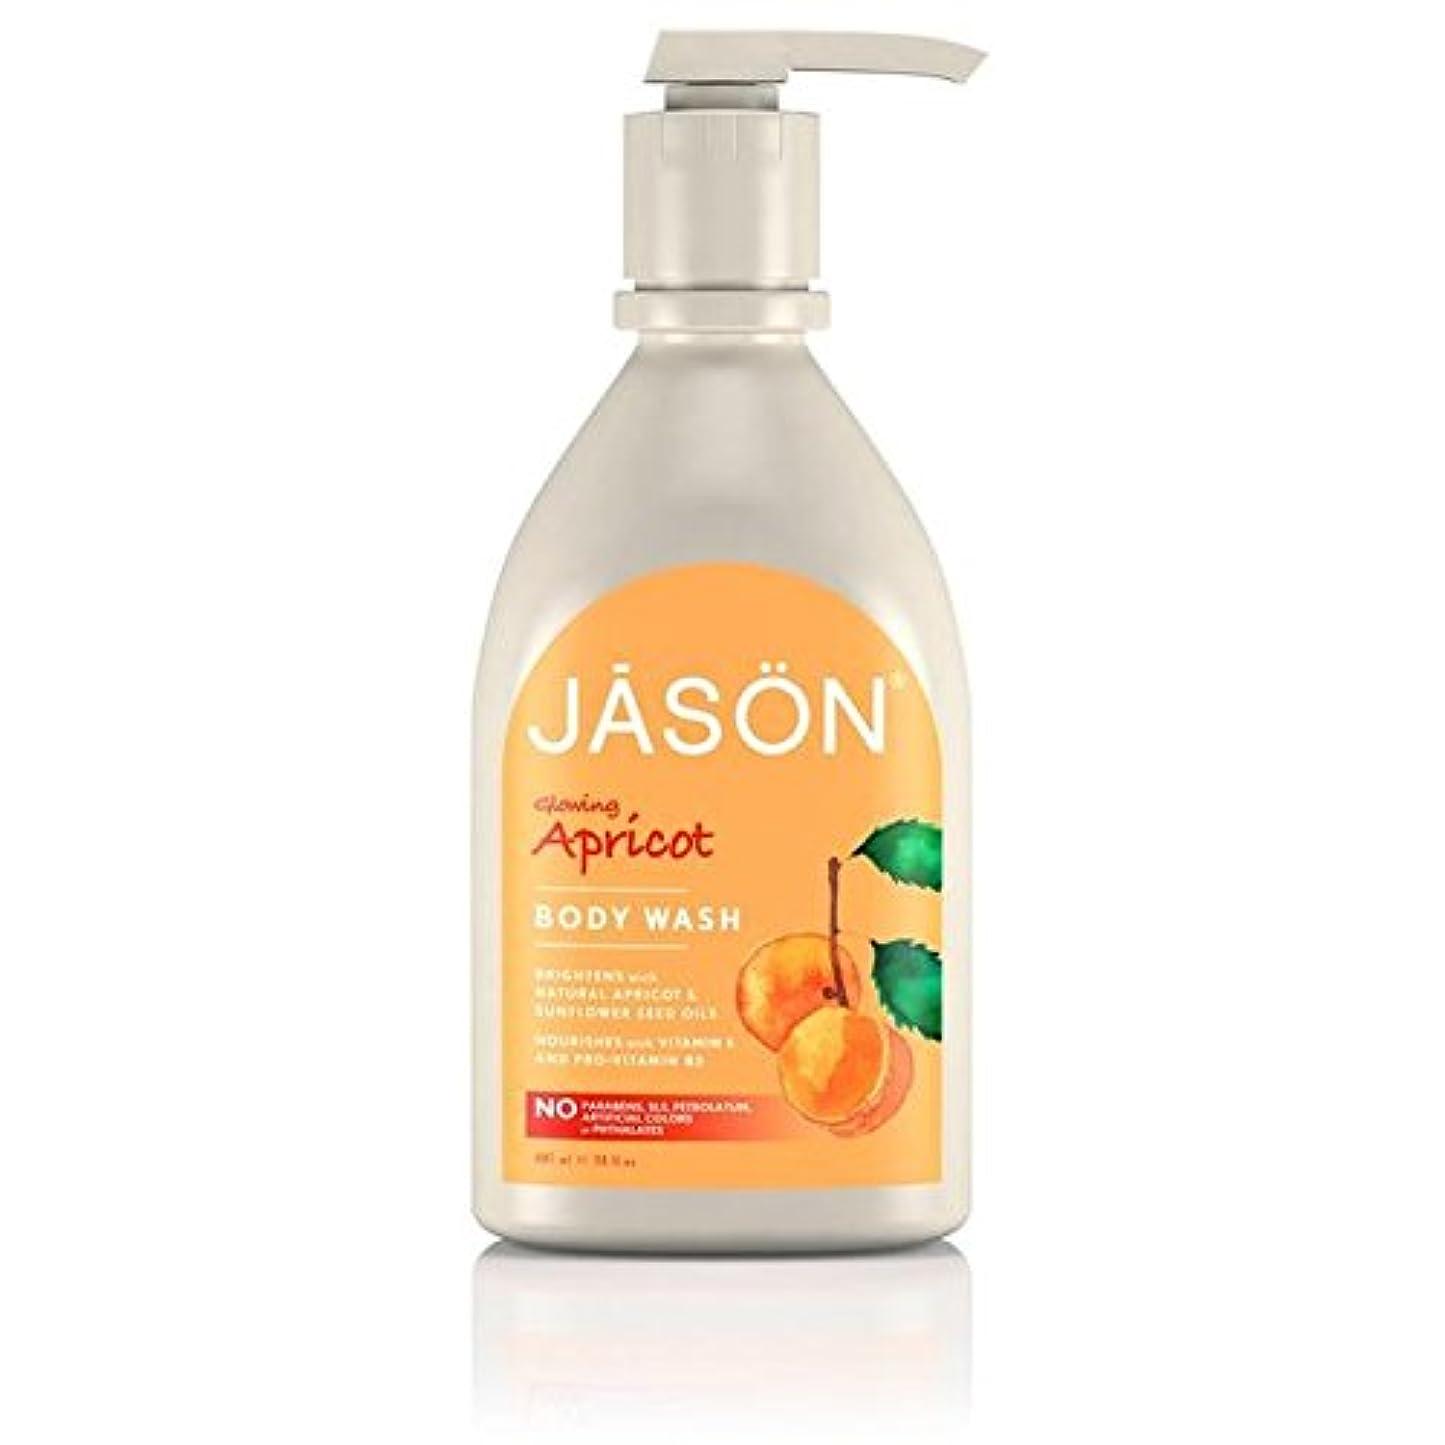 熟読する頭蓋骨フライトJason Apricot Satin Body Wash Pump 900ml - ジェイソン?アプリコットサテンボディウォッシュポンプ900ミリリットル [並行輸入品]